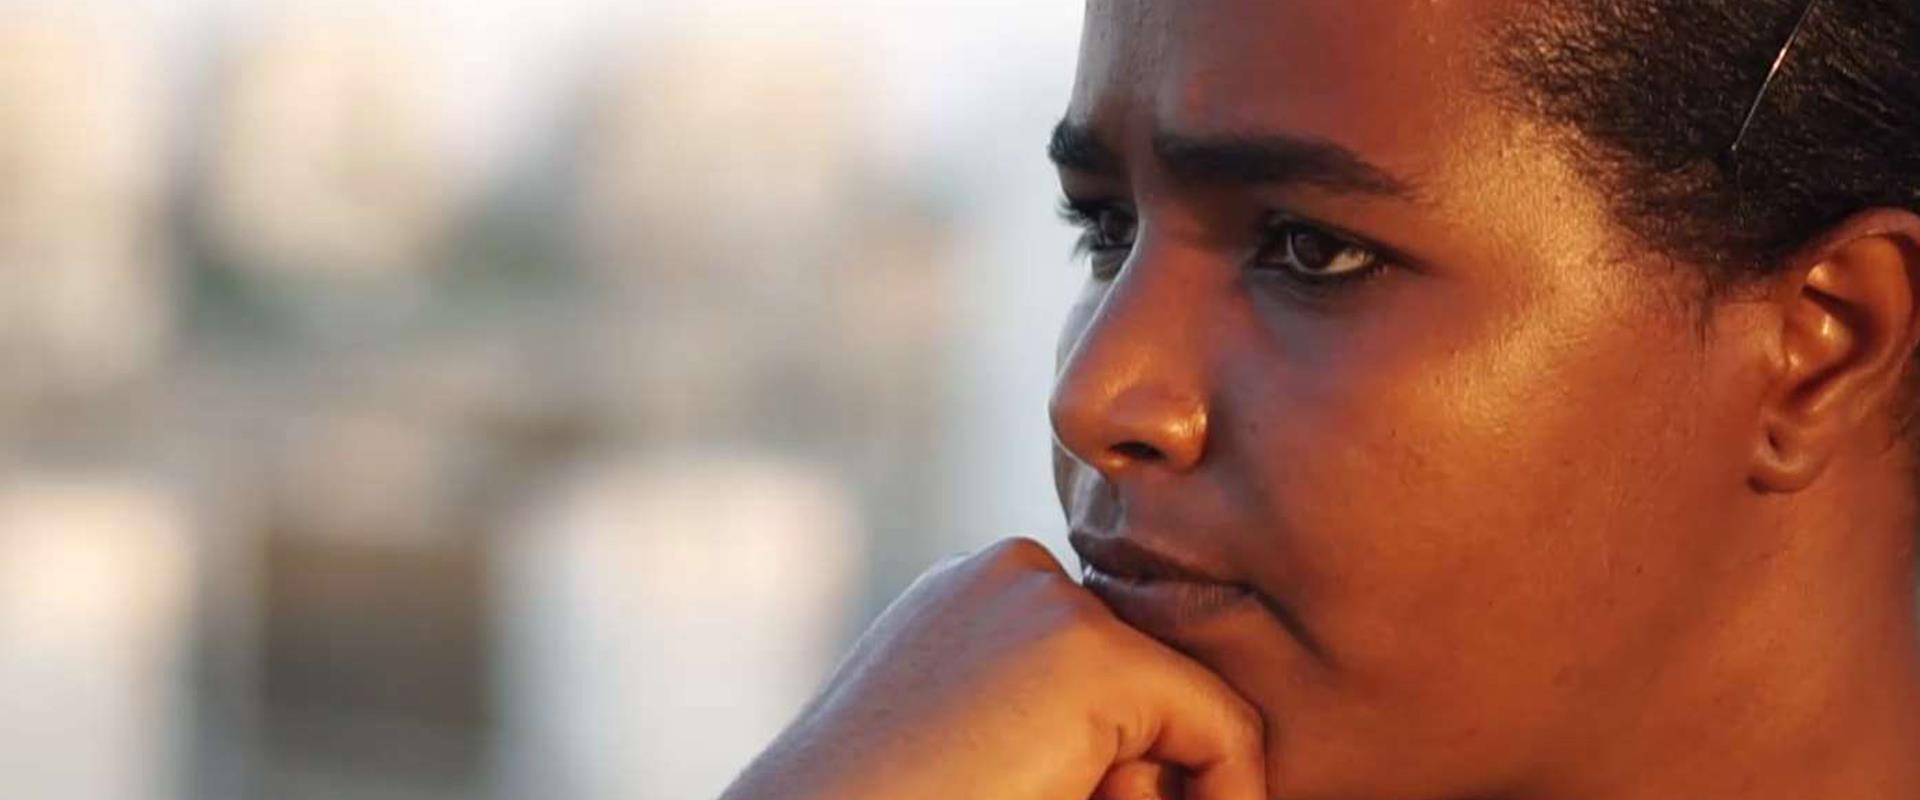 Femmes violées battues dans le sinai traites d'être humain